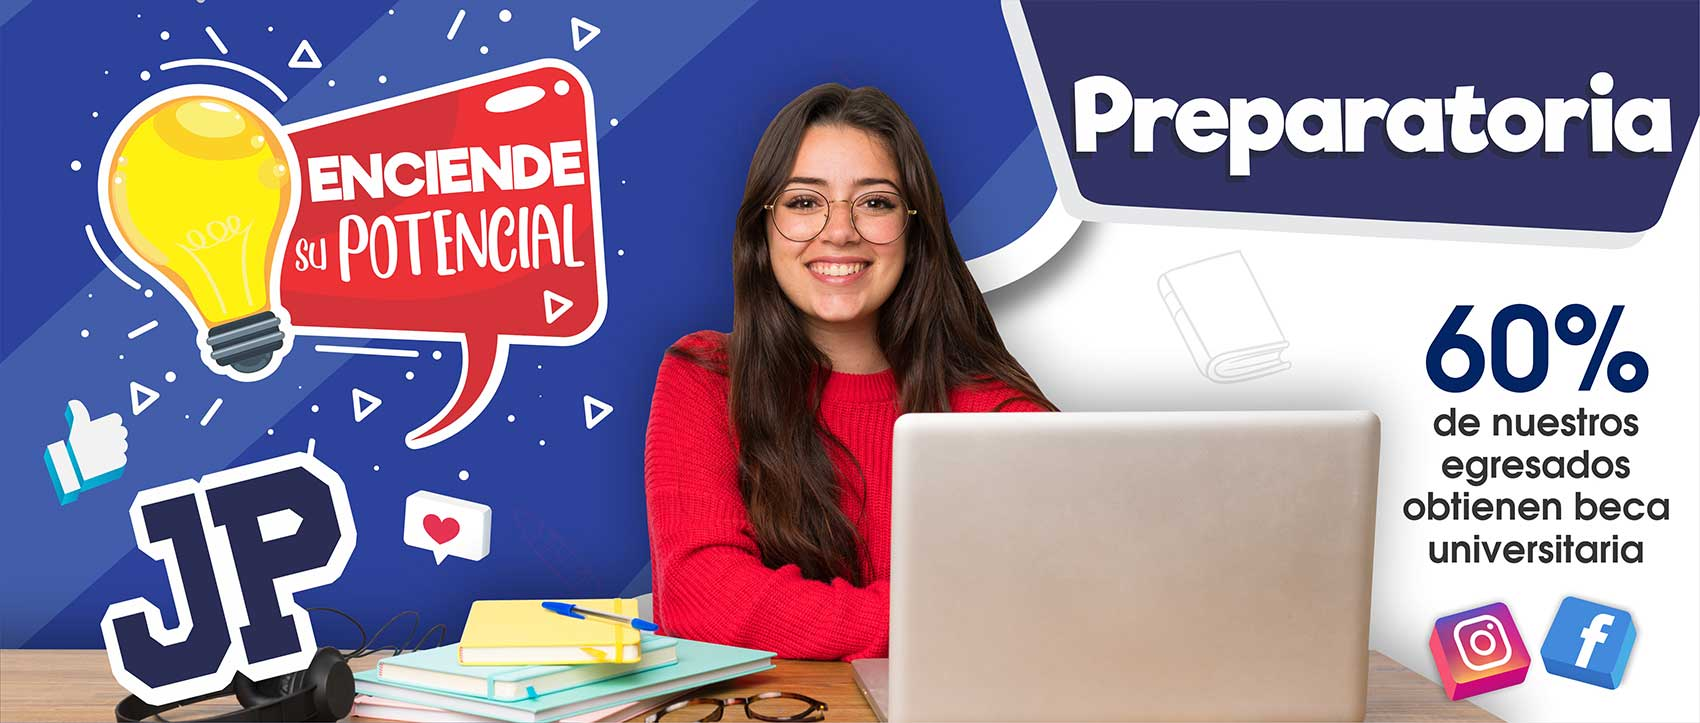 Instituto-bilingue-jean-piaget-preparatoria-slide-01